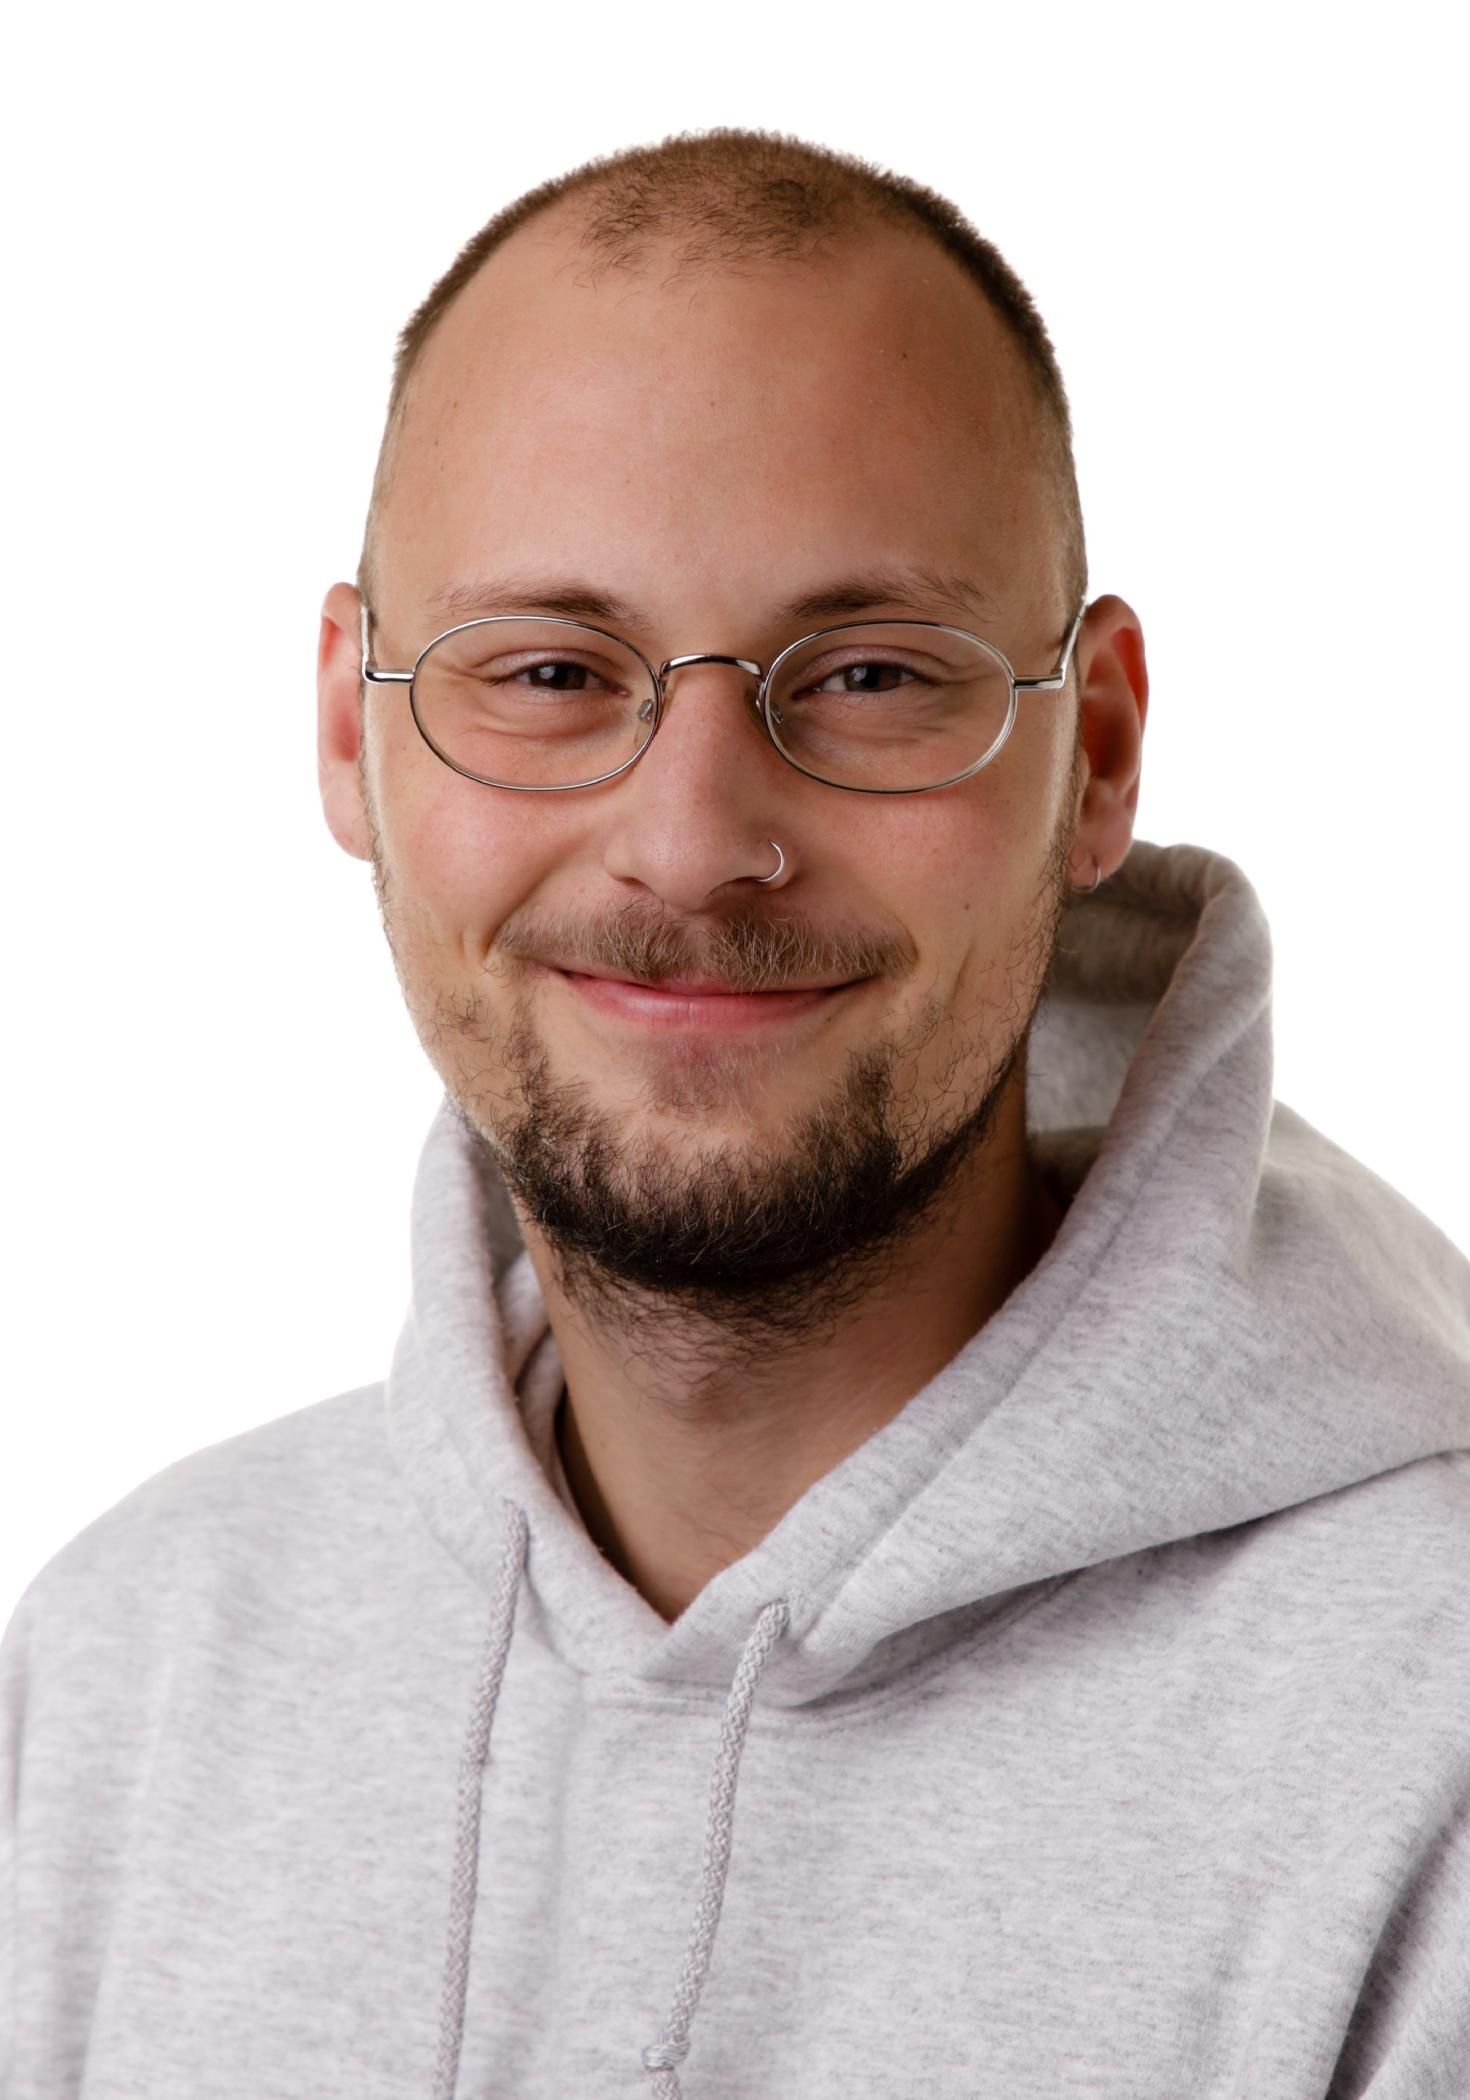 Pædagog, André Brisson